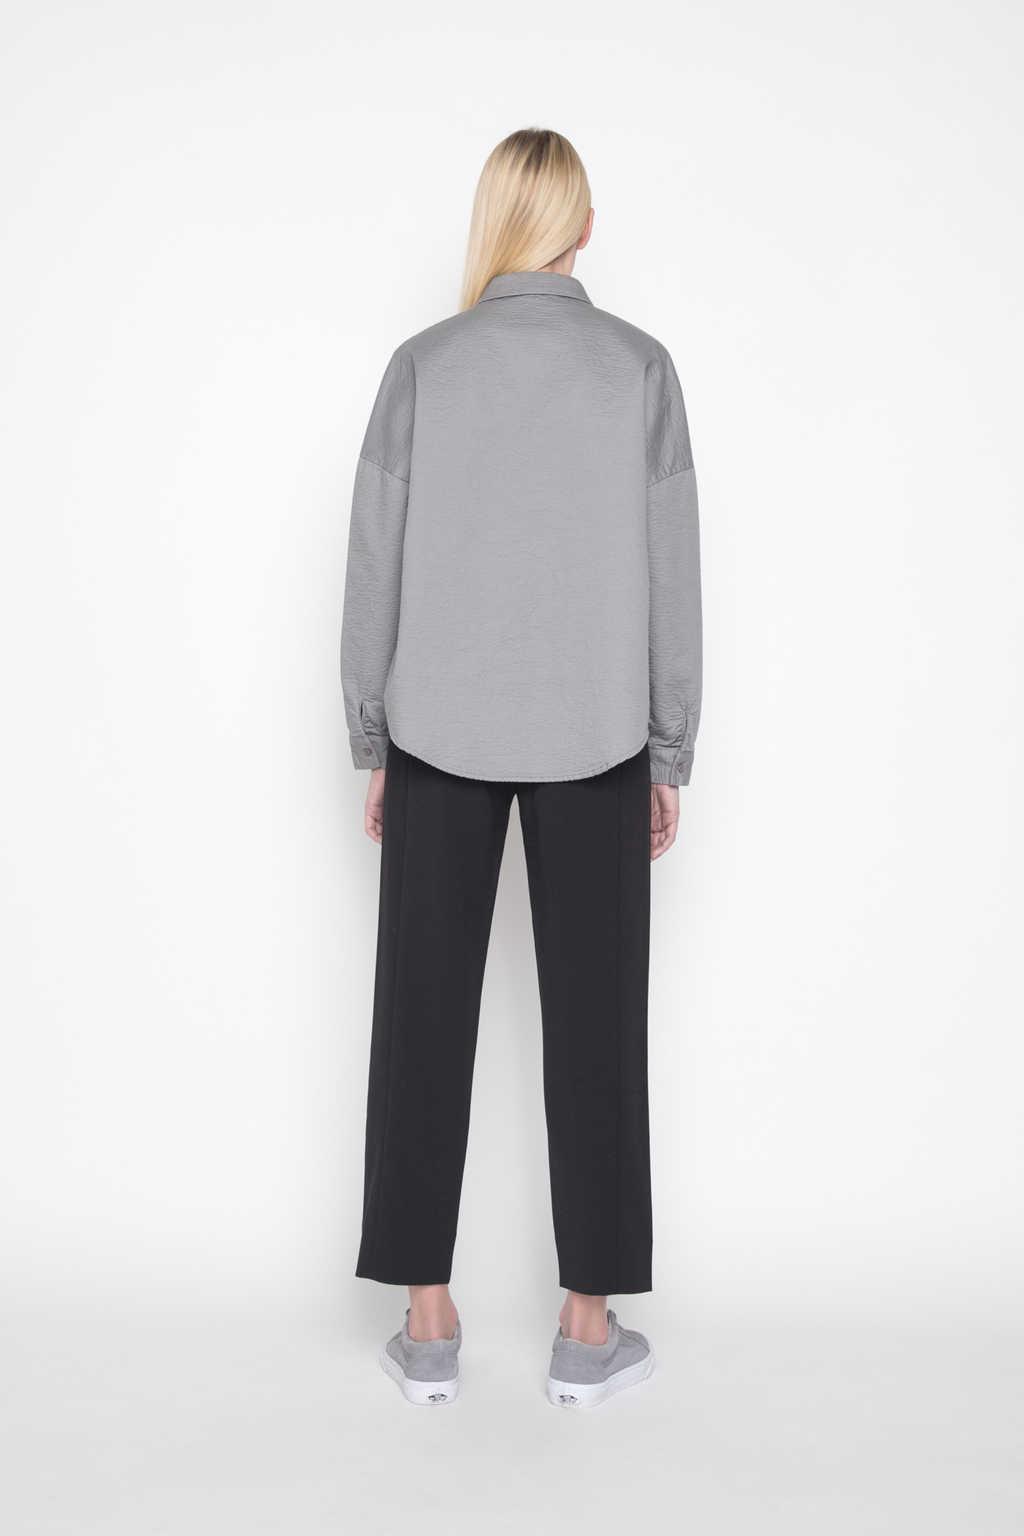 Blouse 1335 Gray 4